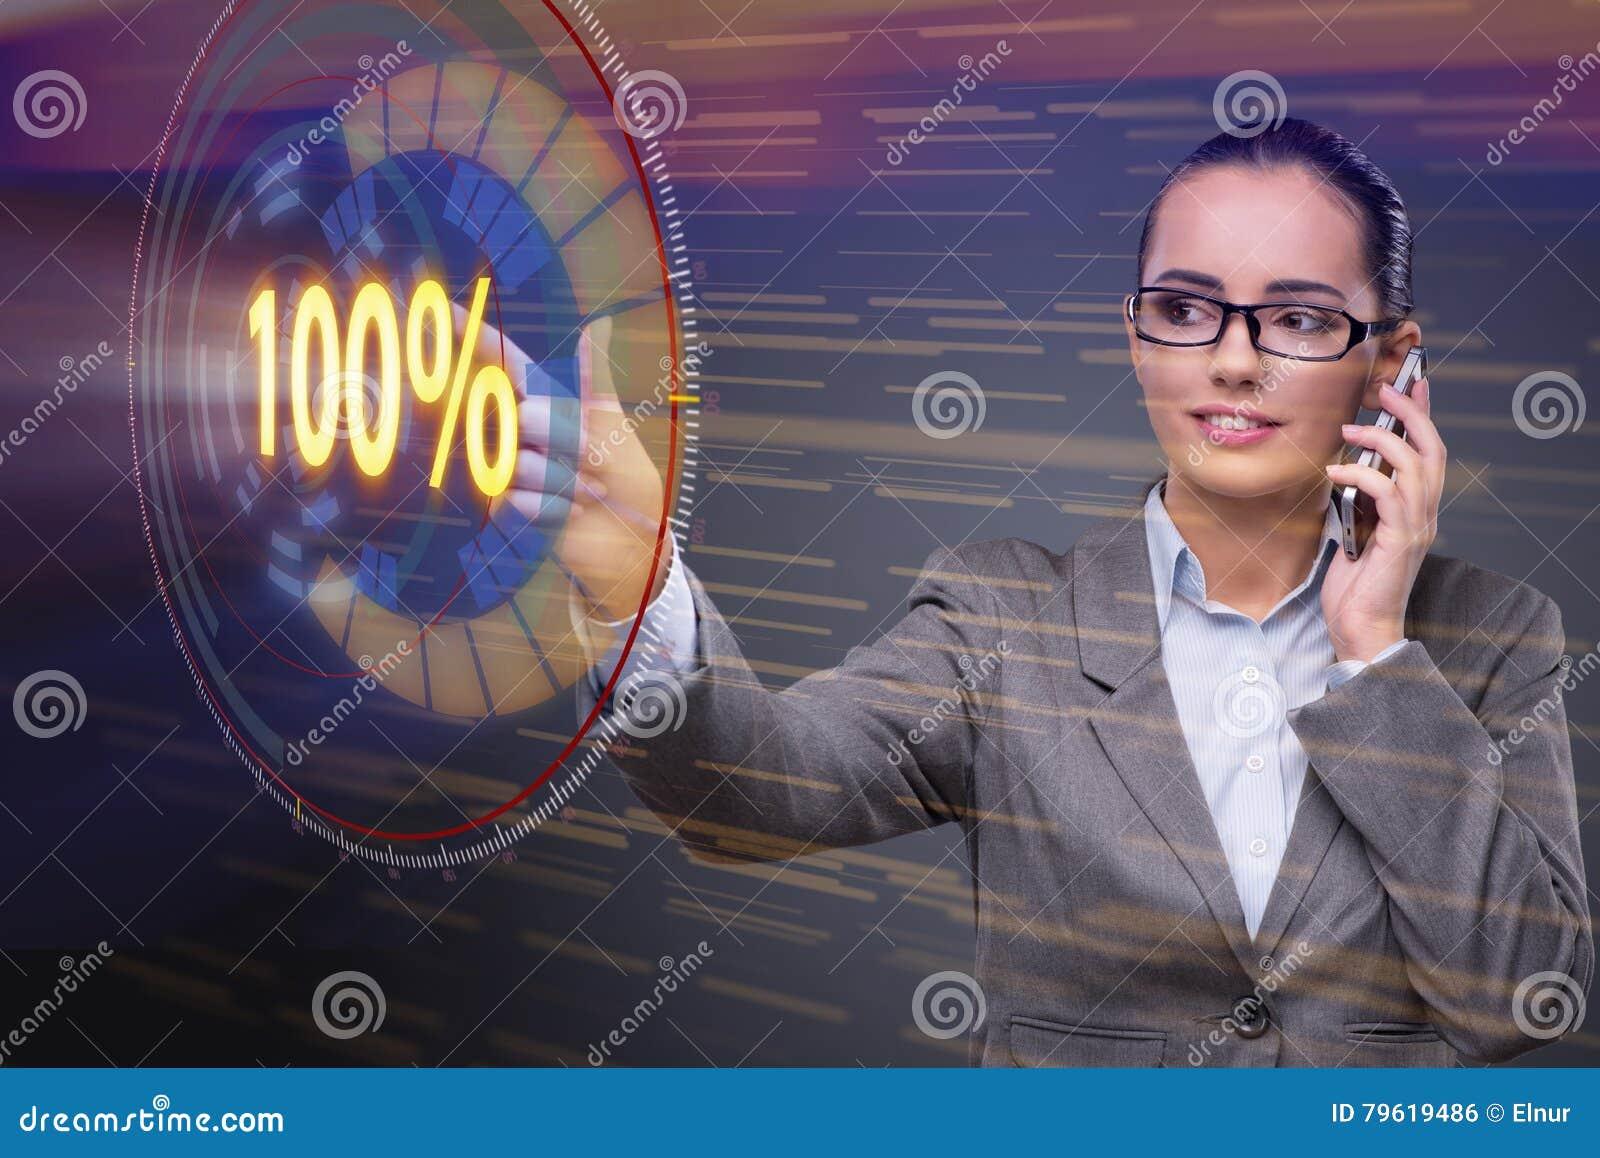 O conceito de cem por cento 100